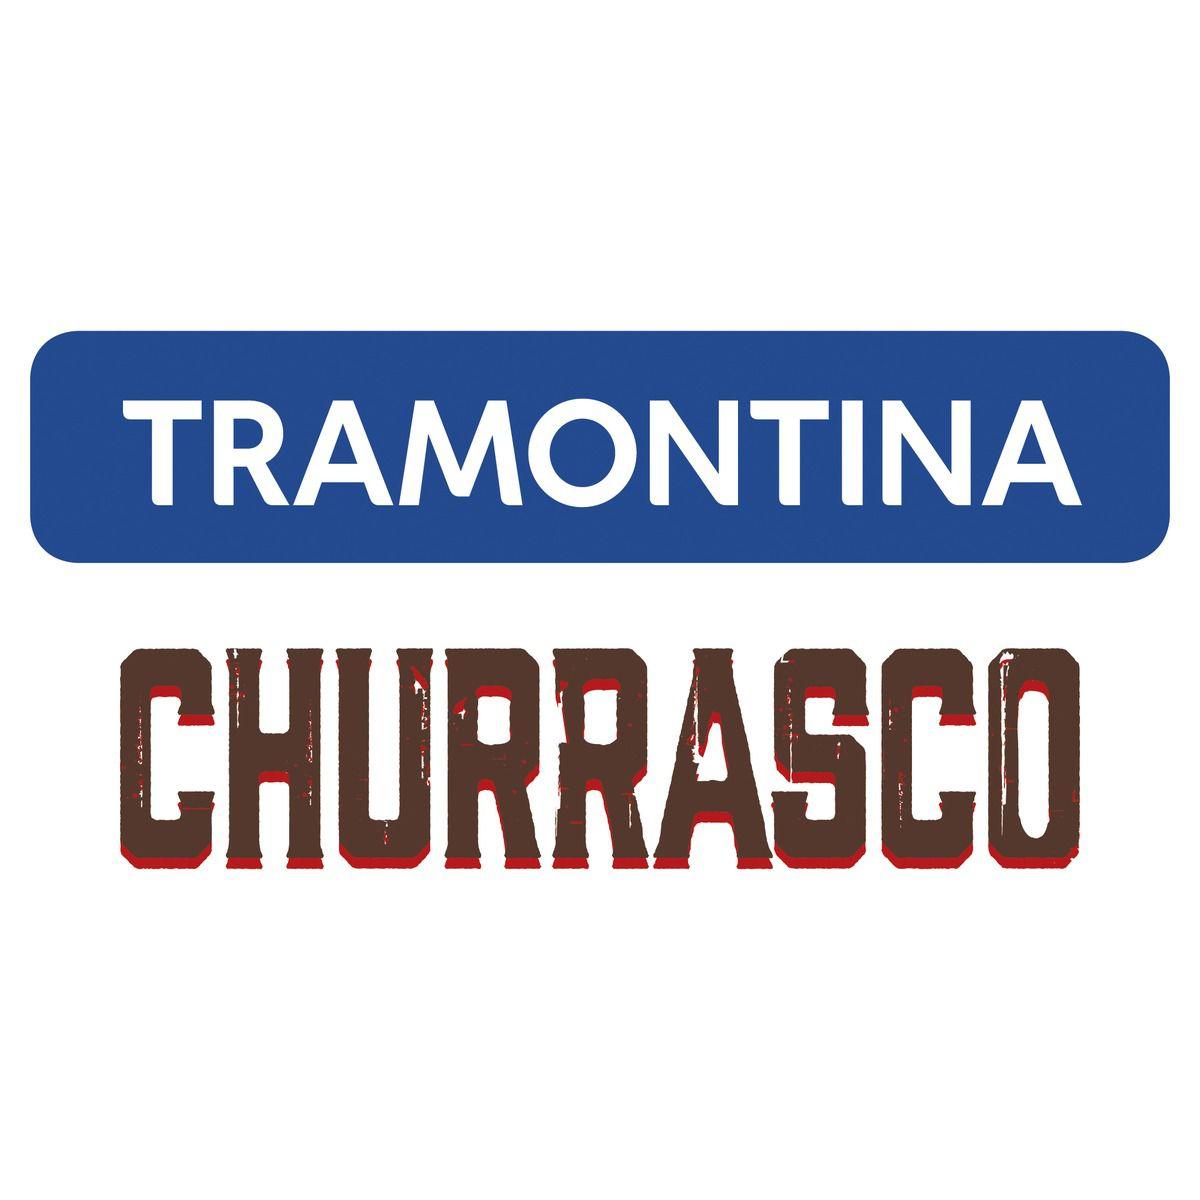 Kit para Churrasco Tramontina em Aço Inox com Cabo de Madeira Natural 15 Peças 22399/028 | Lojas Estrela